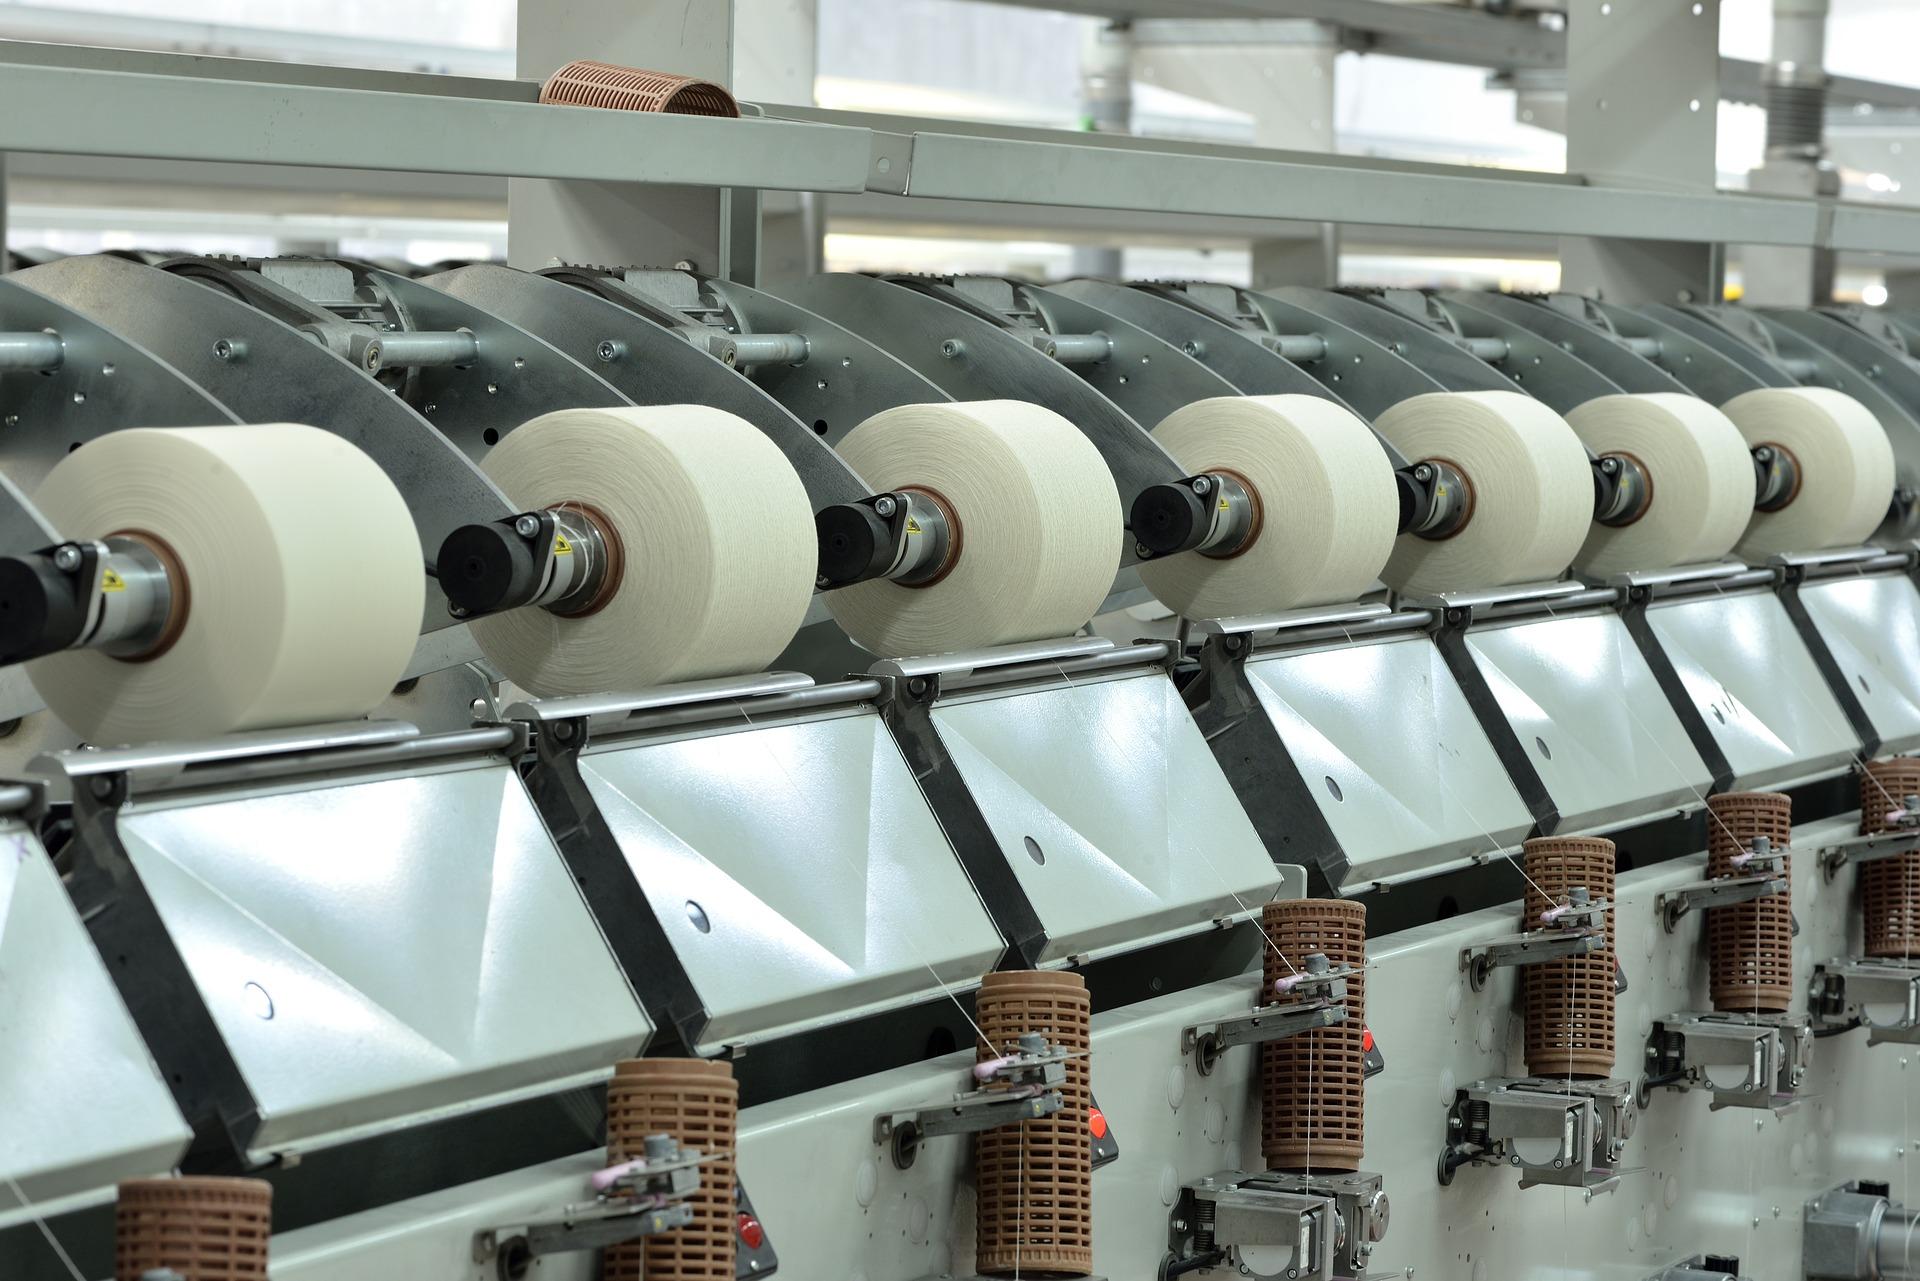 Signat el nou conveni per al sector tèxtil El Periòdic d'Ontinyent - Noticies a Ontinyent